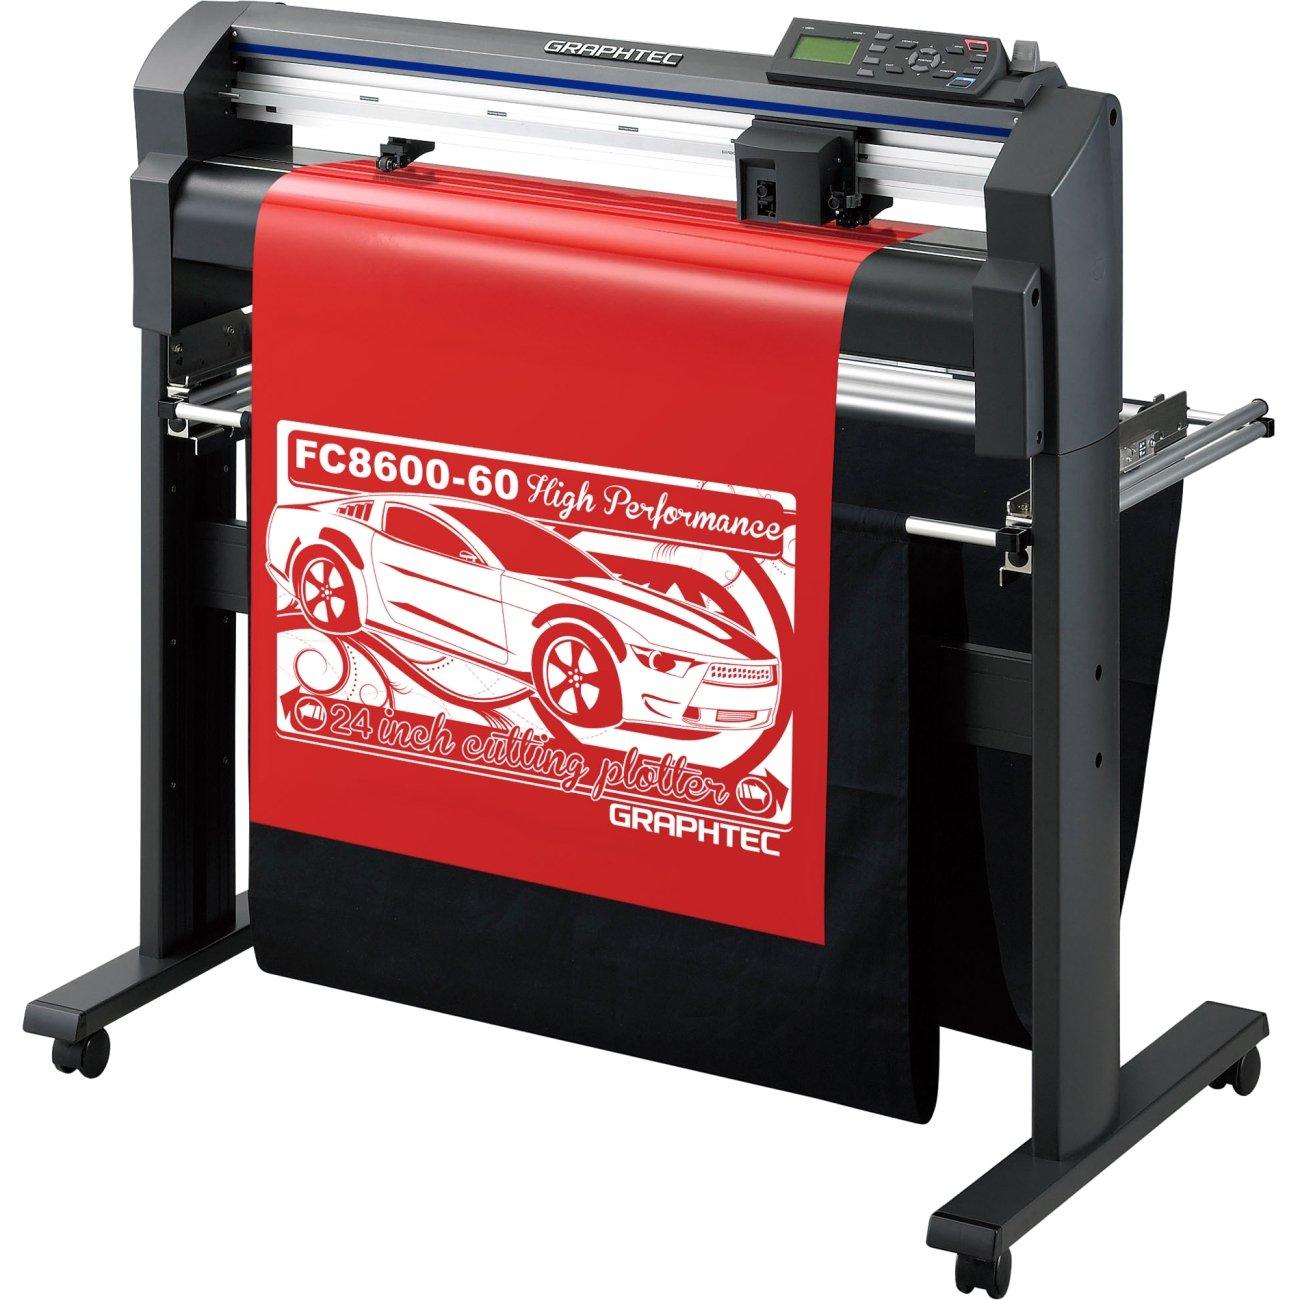 Graphtec FC8600 – 60 cortador de vinilo: Amazon.es: Amazon.es